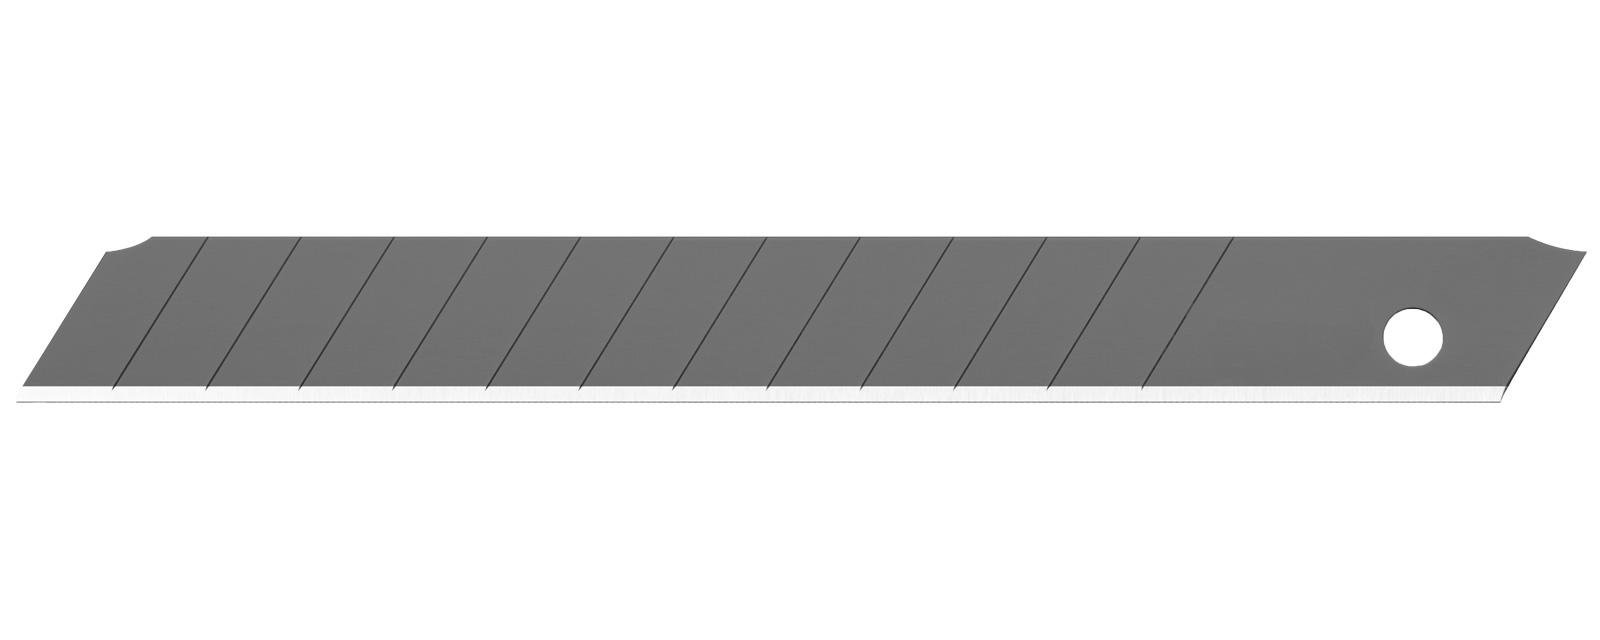 K066-9mm-Cuttermesser-Klinge-schwarz-Tajima-LCB30-CURT-tools_1600